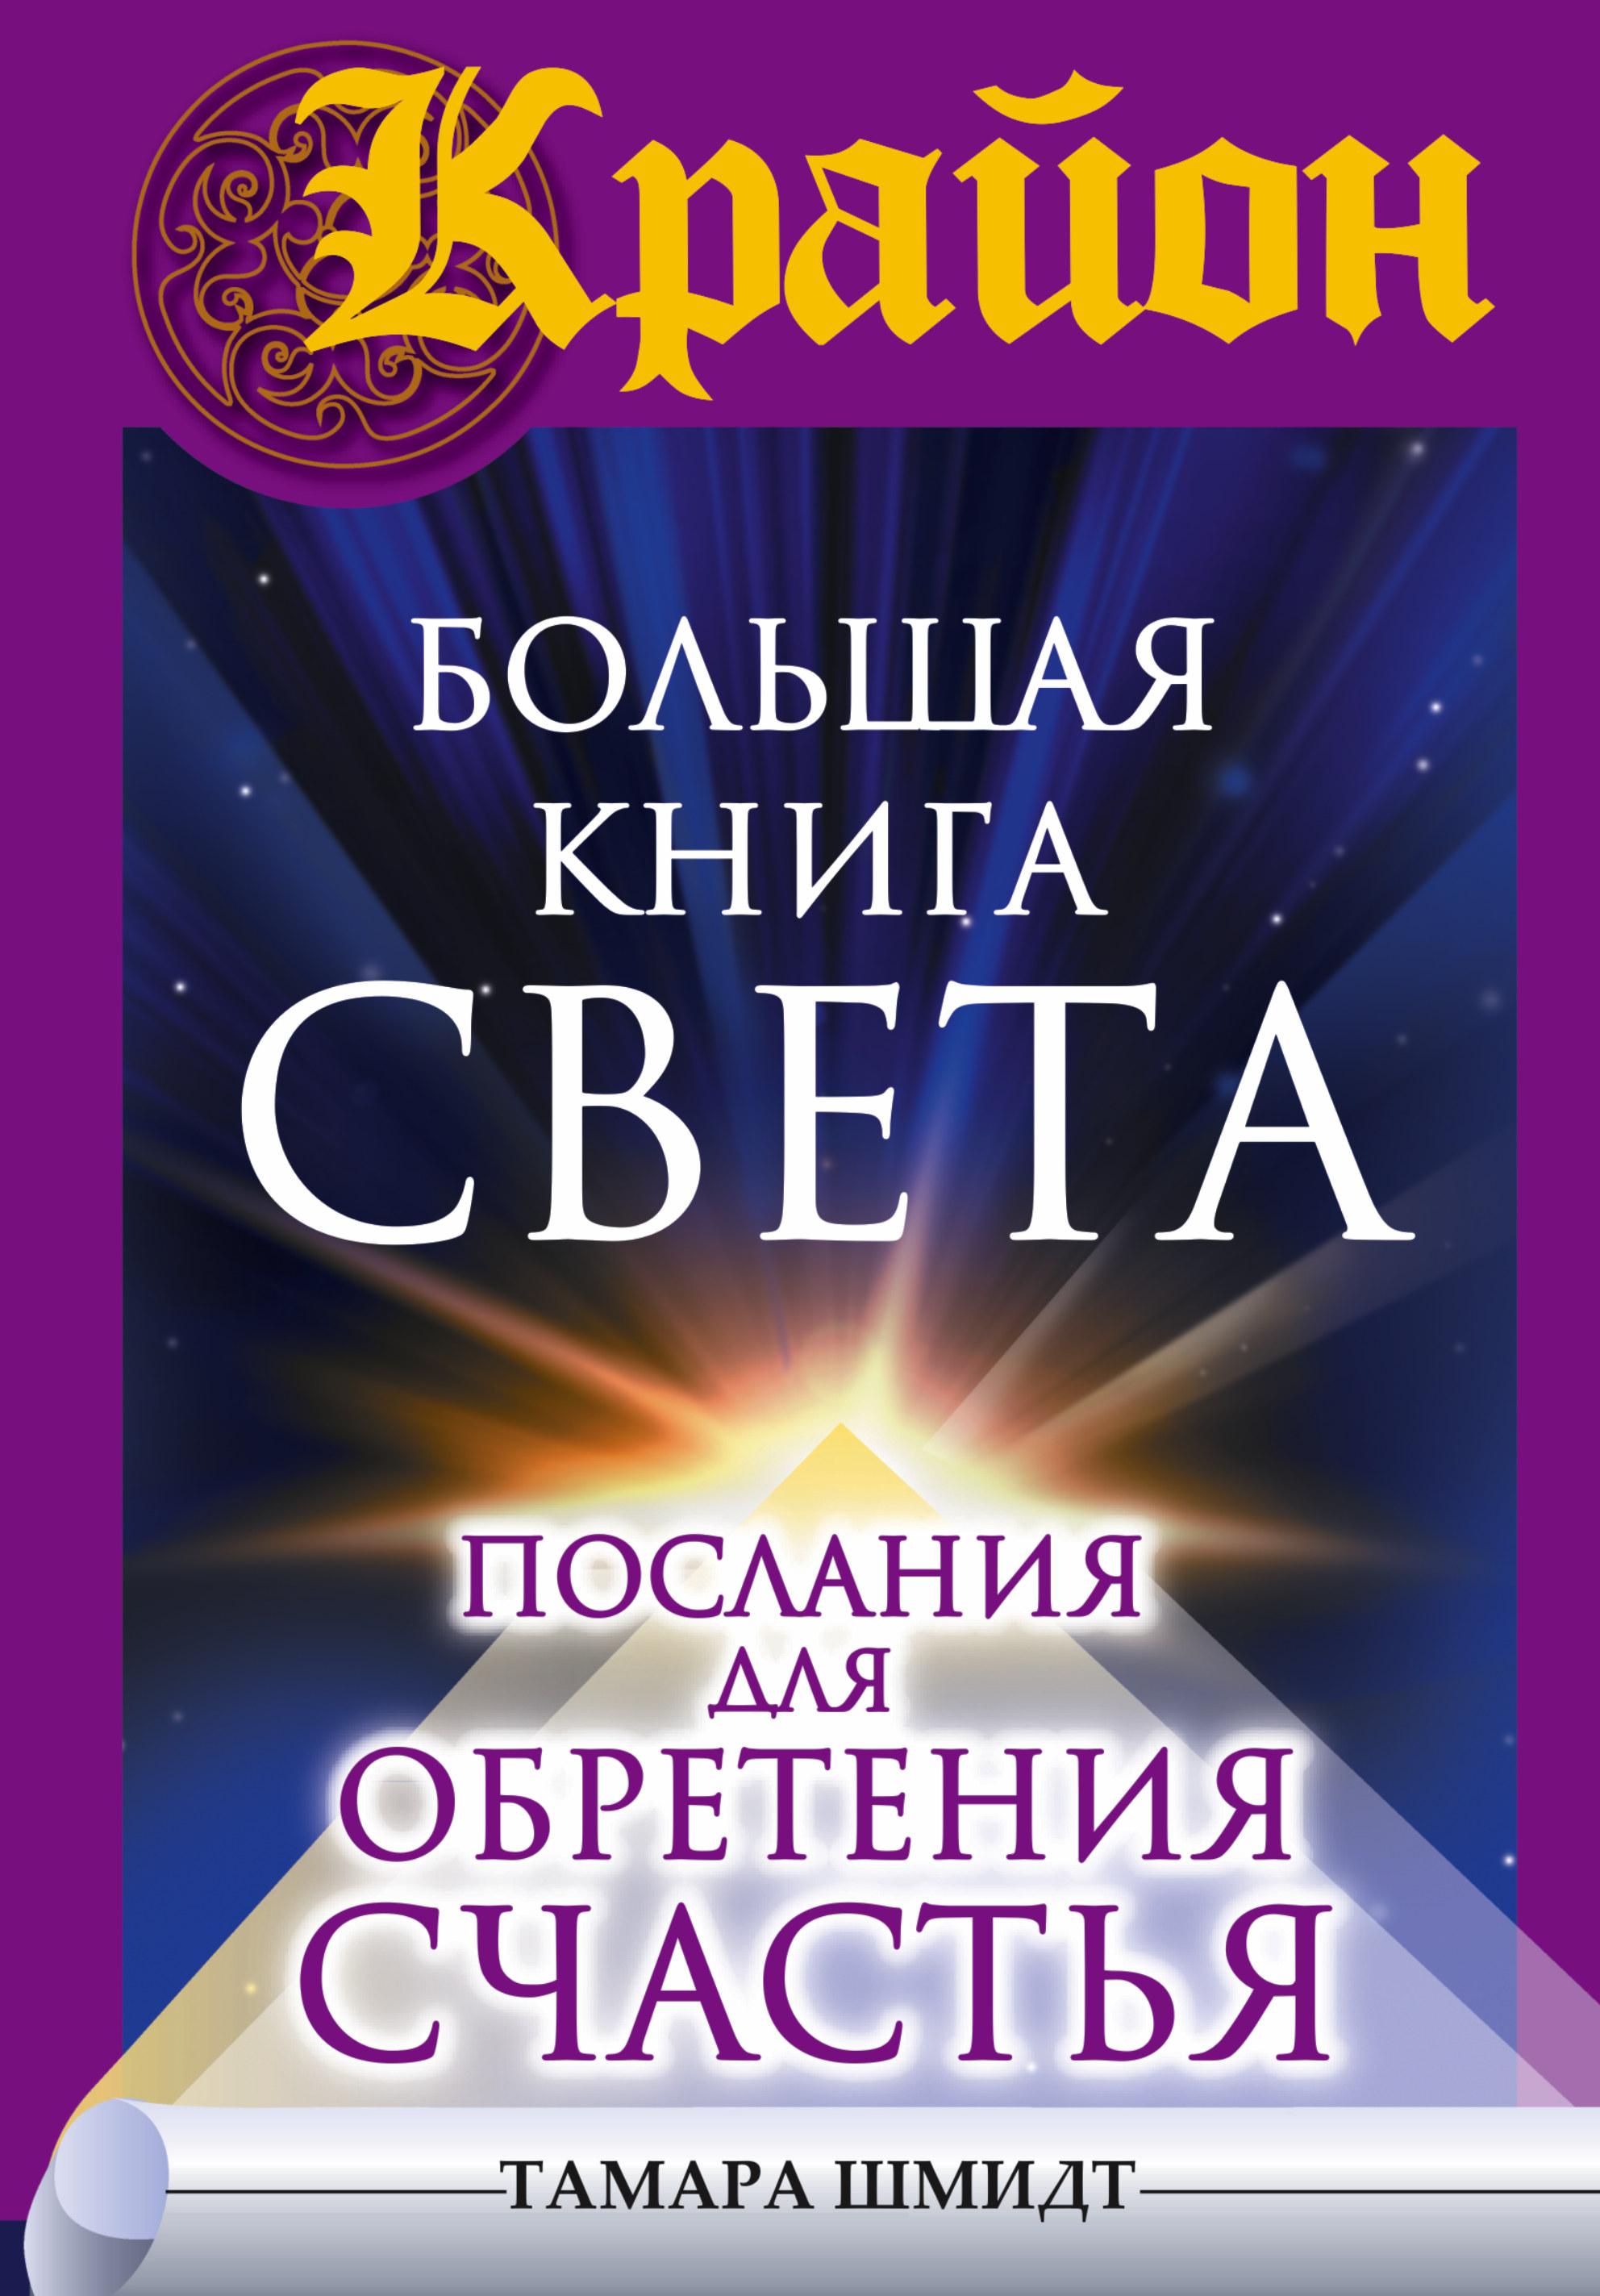 Шмидт Тамара Крайон. Большая книга Света. Послания для обретения Счастья семина и большая книга счастья